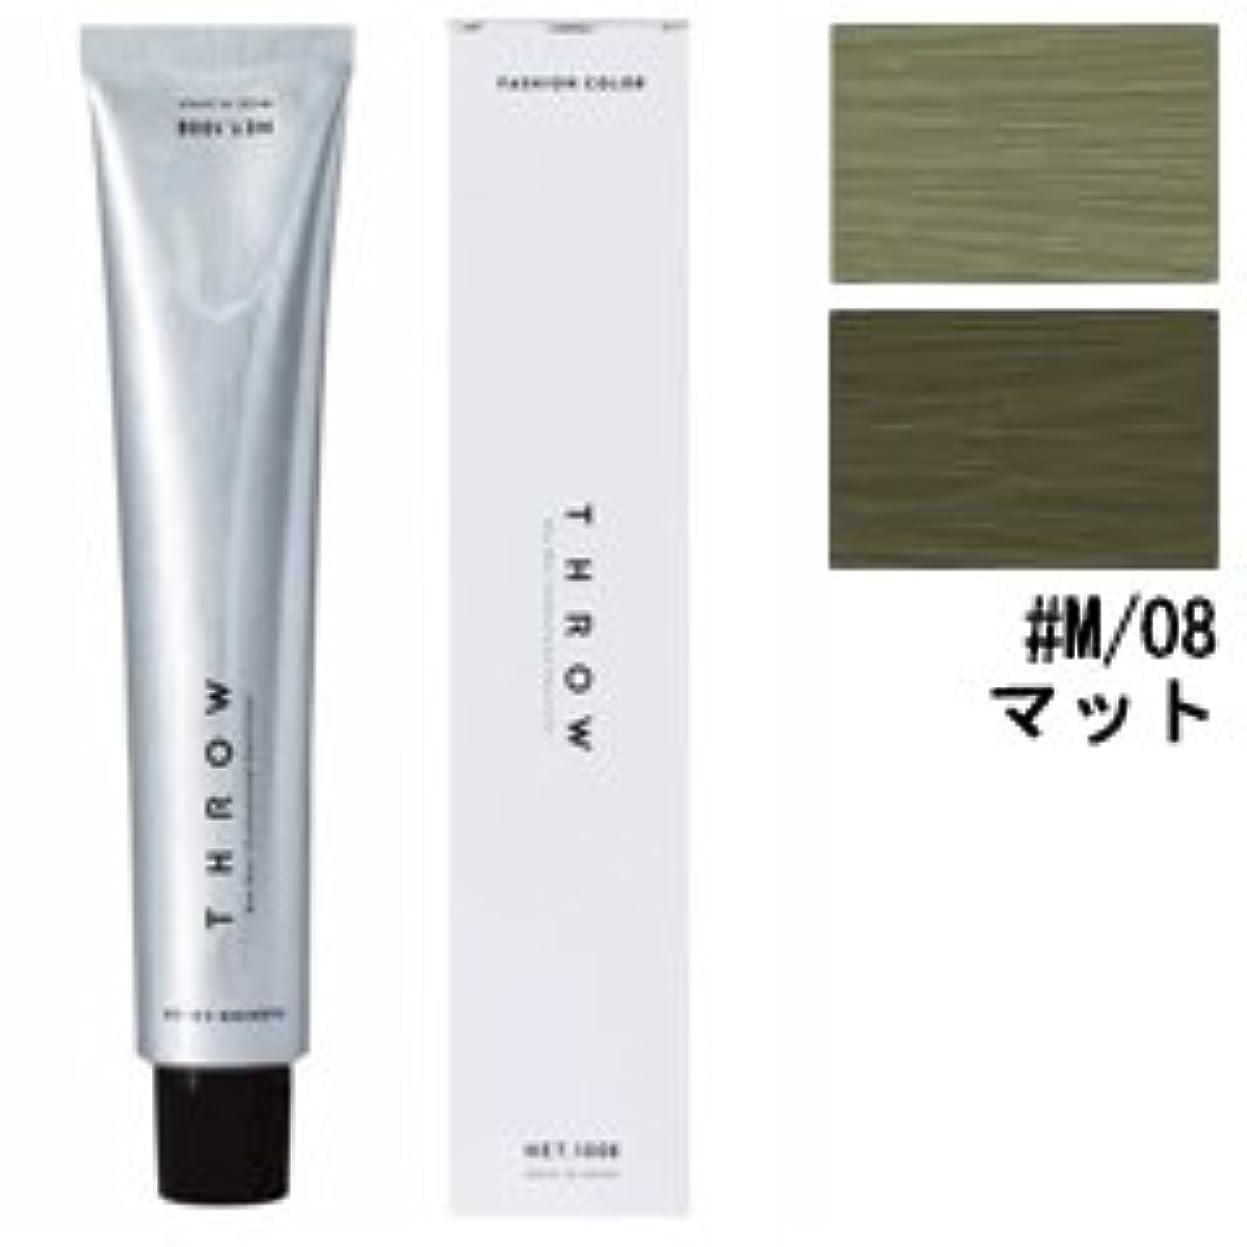 簿記係ワゴン六月【モルトベーネ】スロウ ファッションカラー #M/08 マット 100g